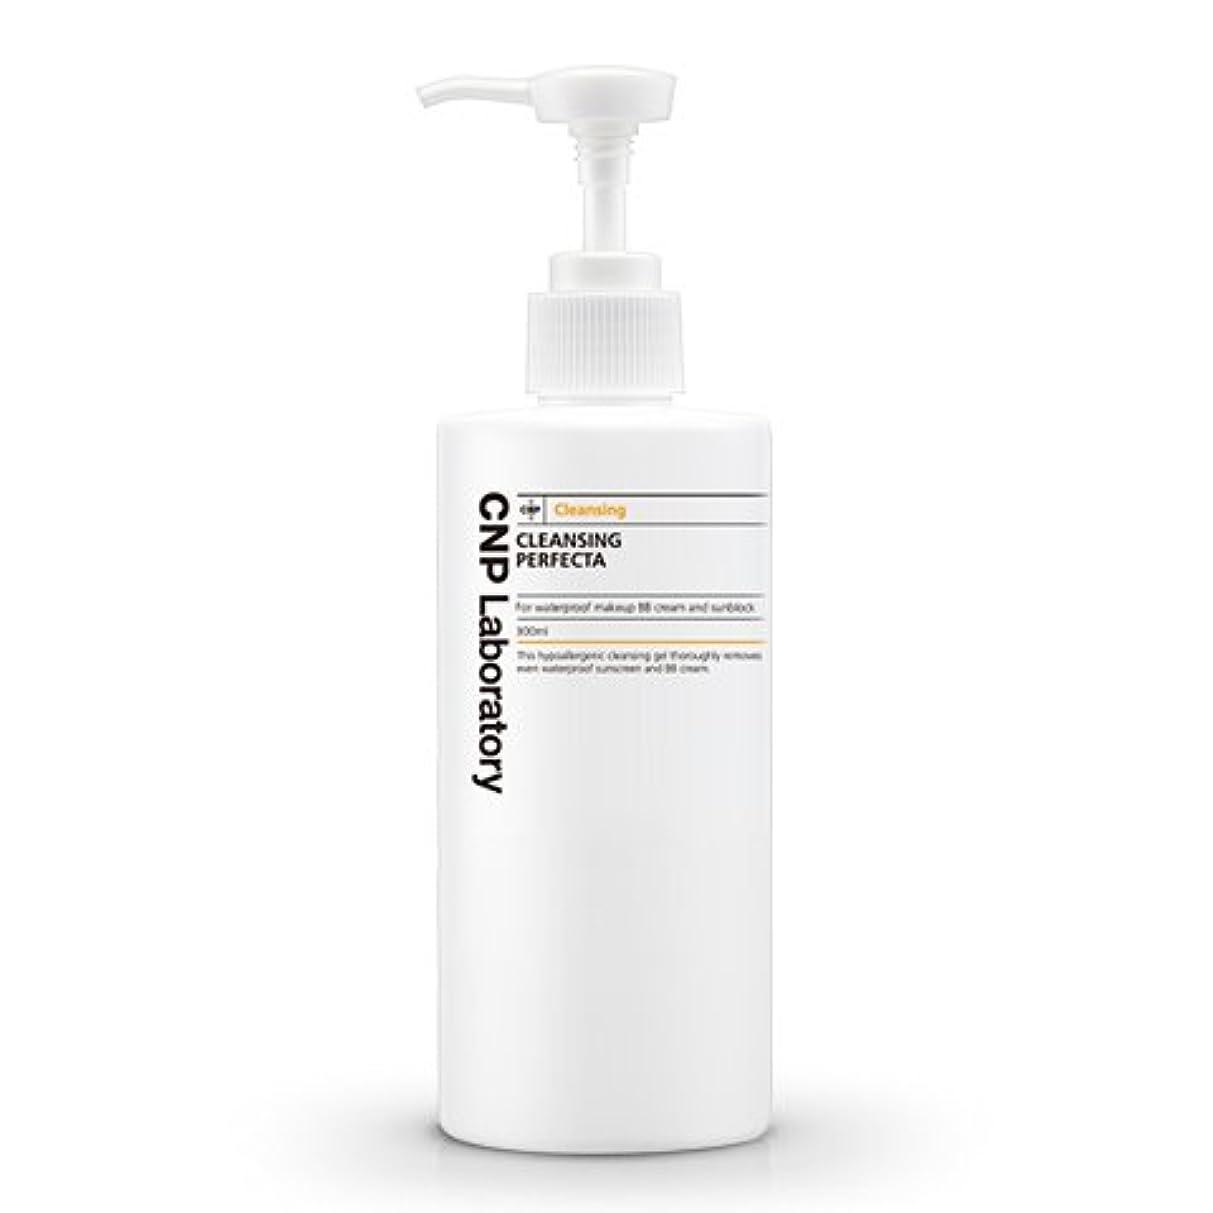 デッドロック影響タールCNP Laboratory クレンジングパーフェクタ/Cleansing Perfecta 300ml [並行輸入品]